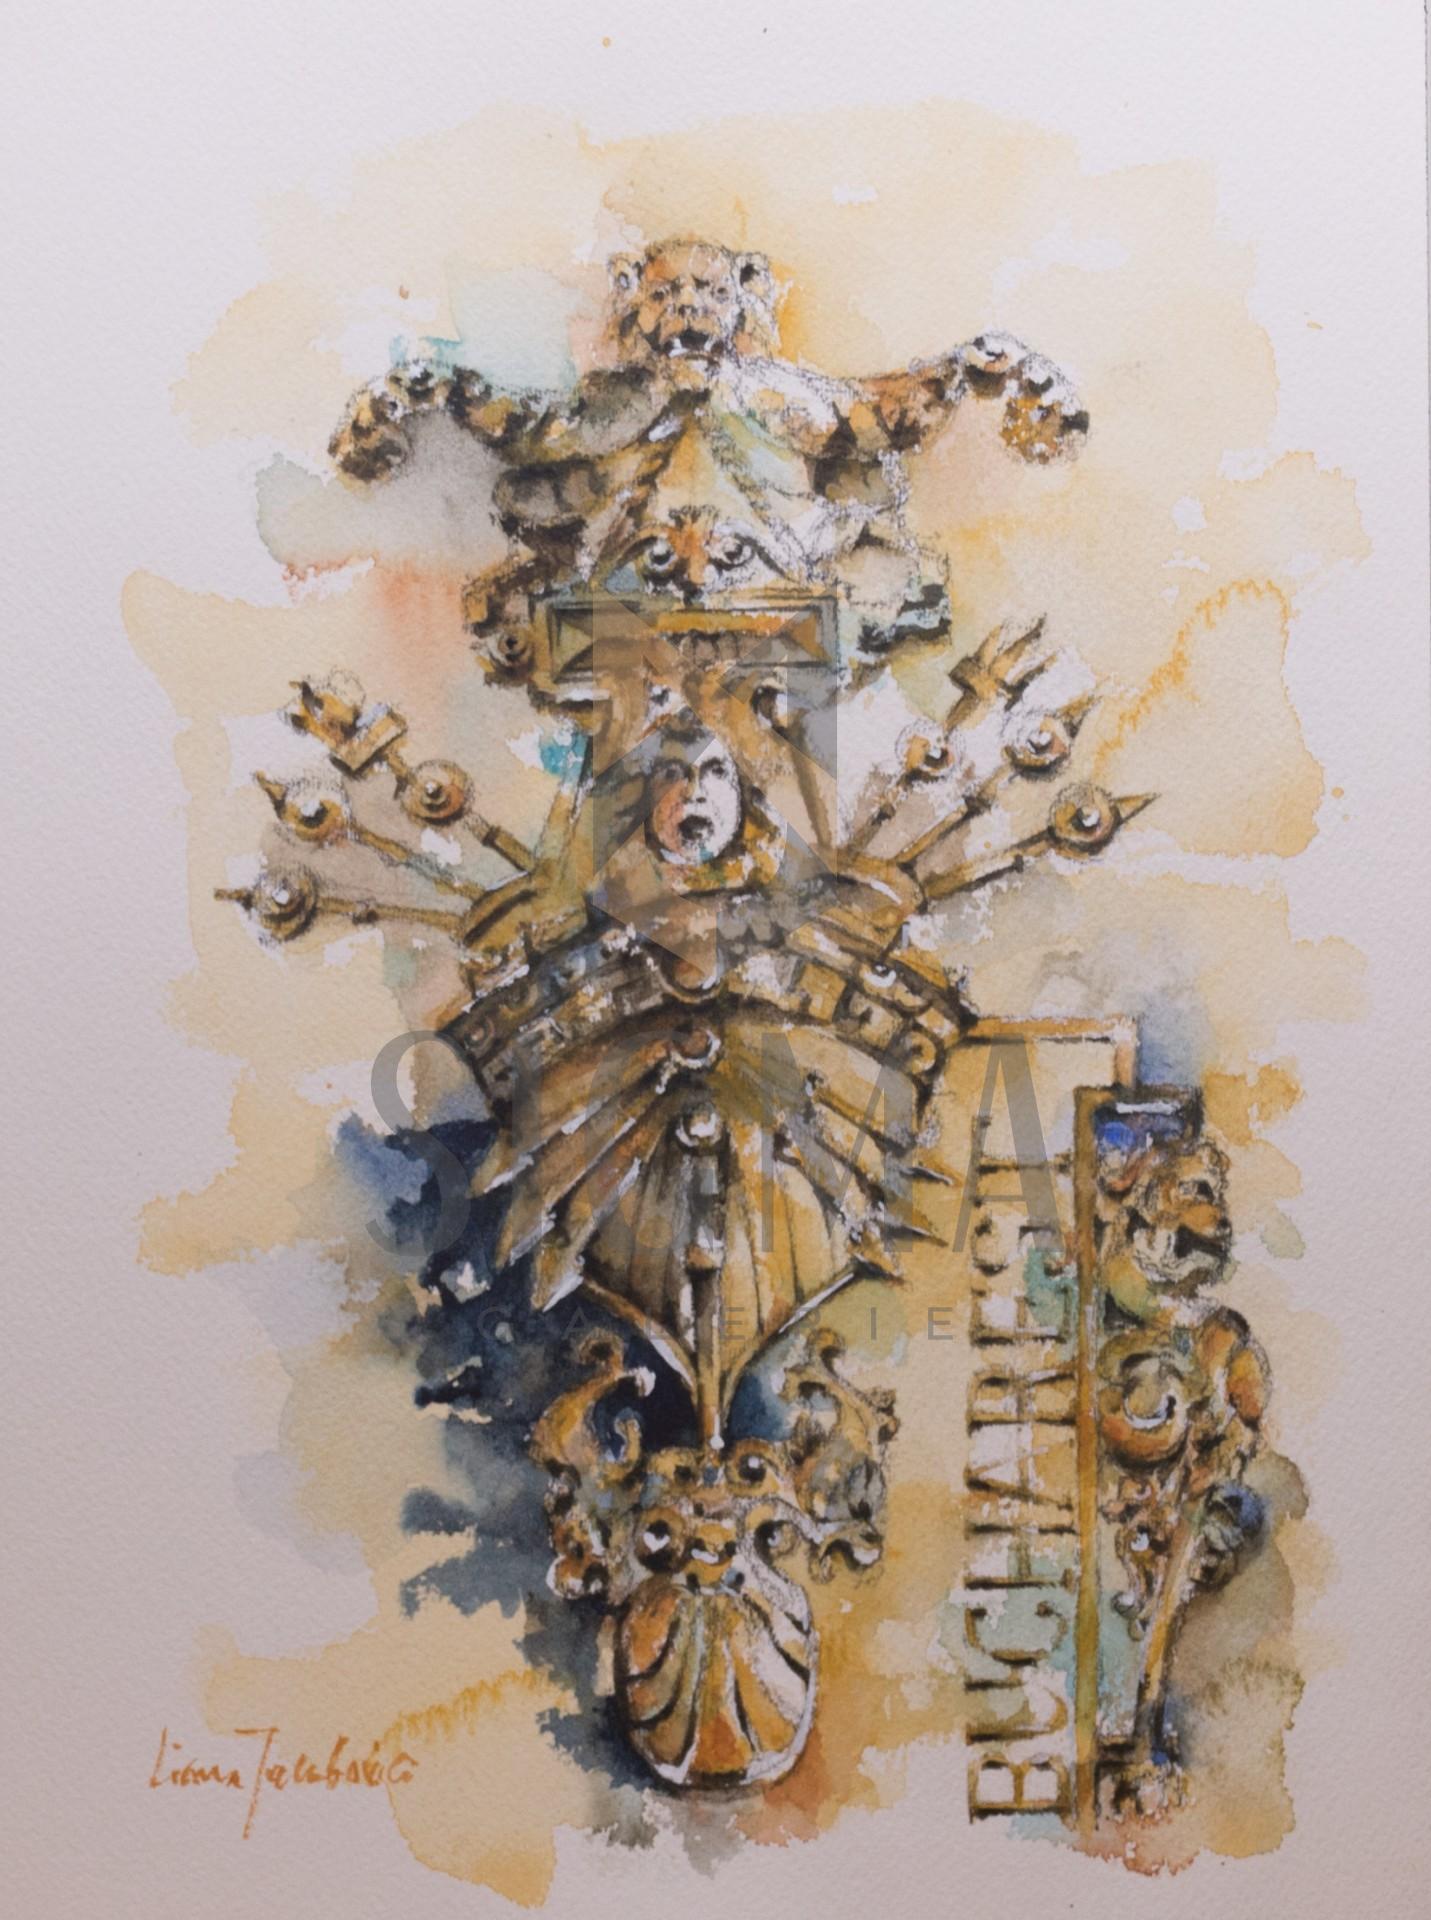 Tablou, Liliana Iacubovici, - Fatada Muzeului National de Istorie a Romaniei - acuarela si tus, 30x42 cm